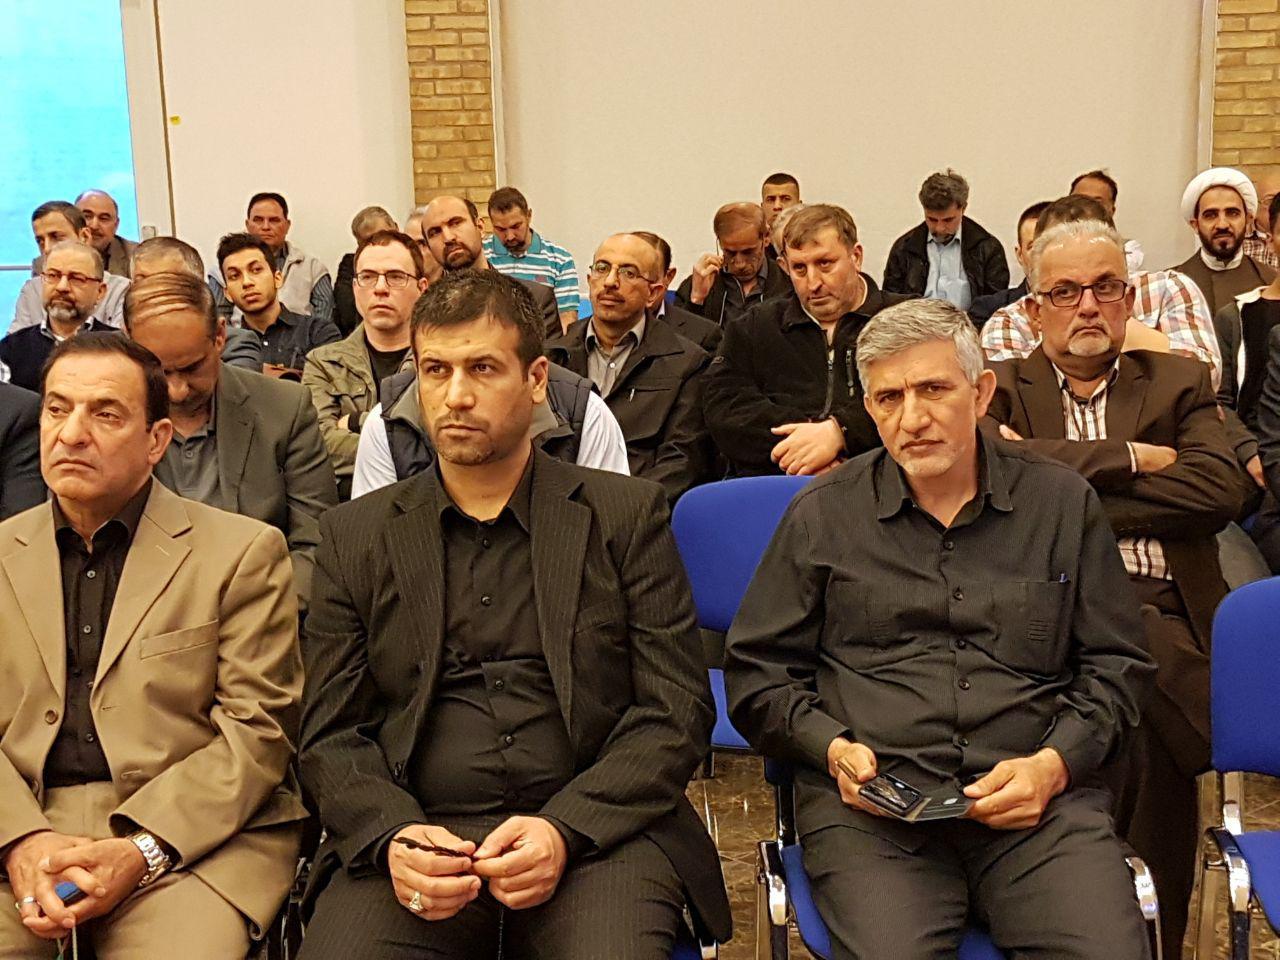 Imam Khomeini demise anniversary in Denmark